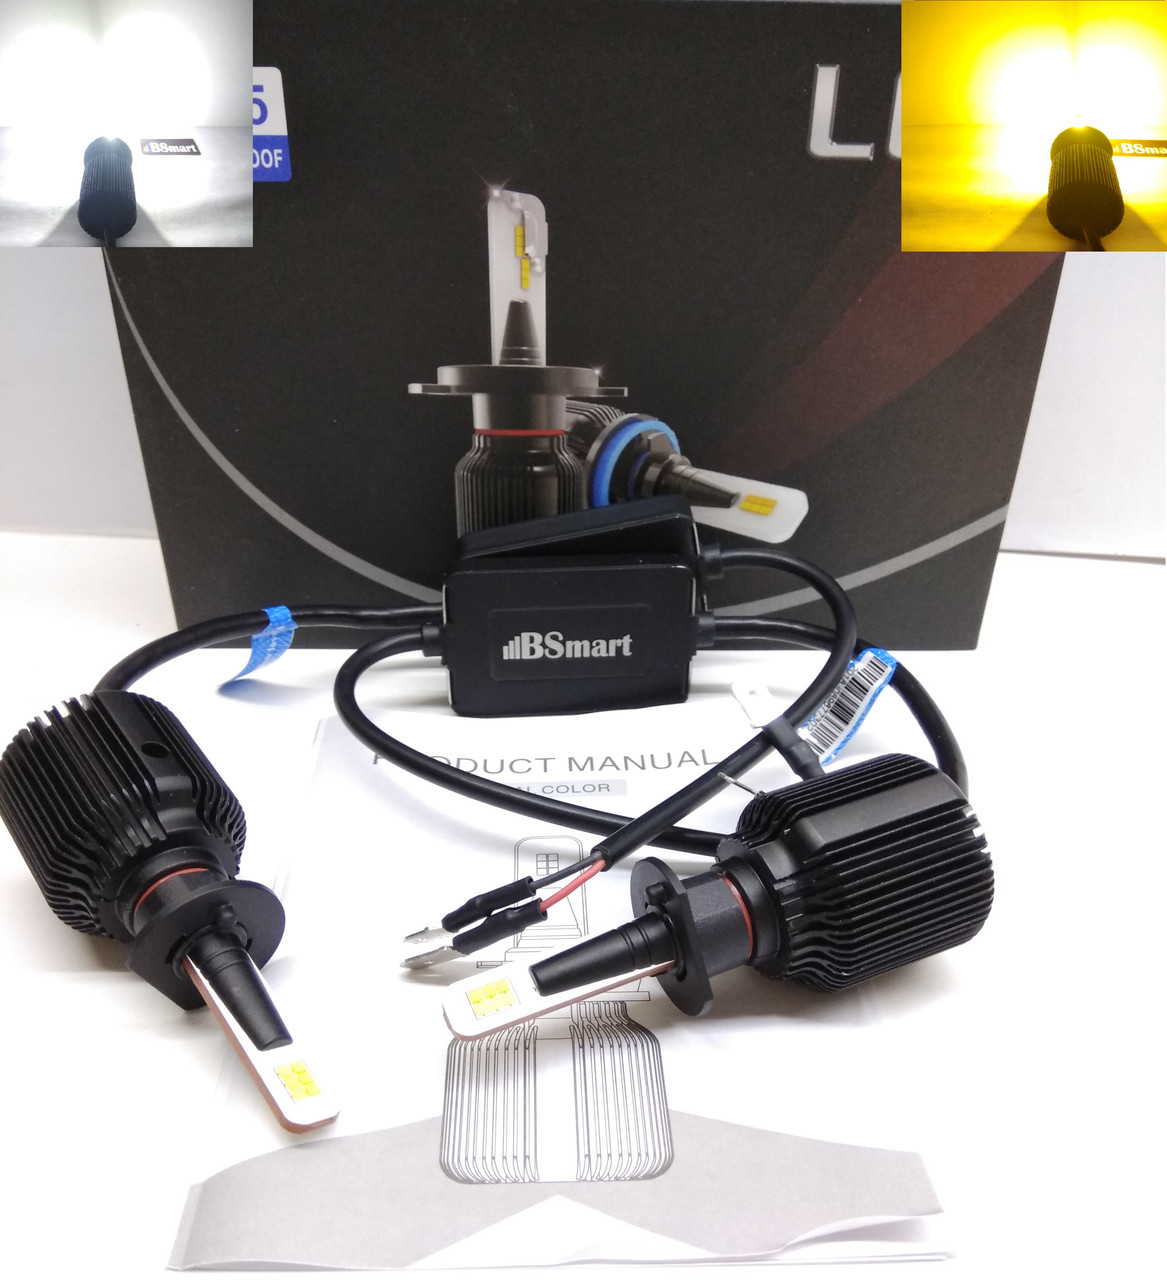 LED автолампы диодные M1 CSP Dual Color, H1, двухцветная, белый и желтый, 8000LM, 40W, 9-32V